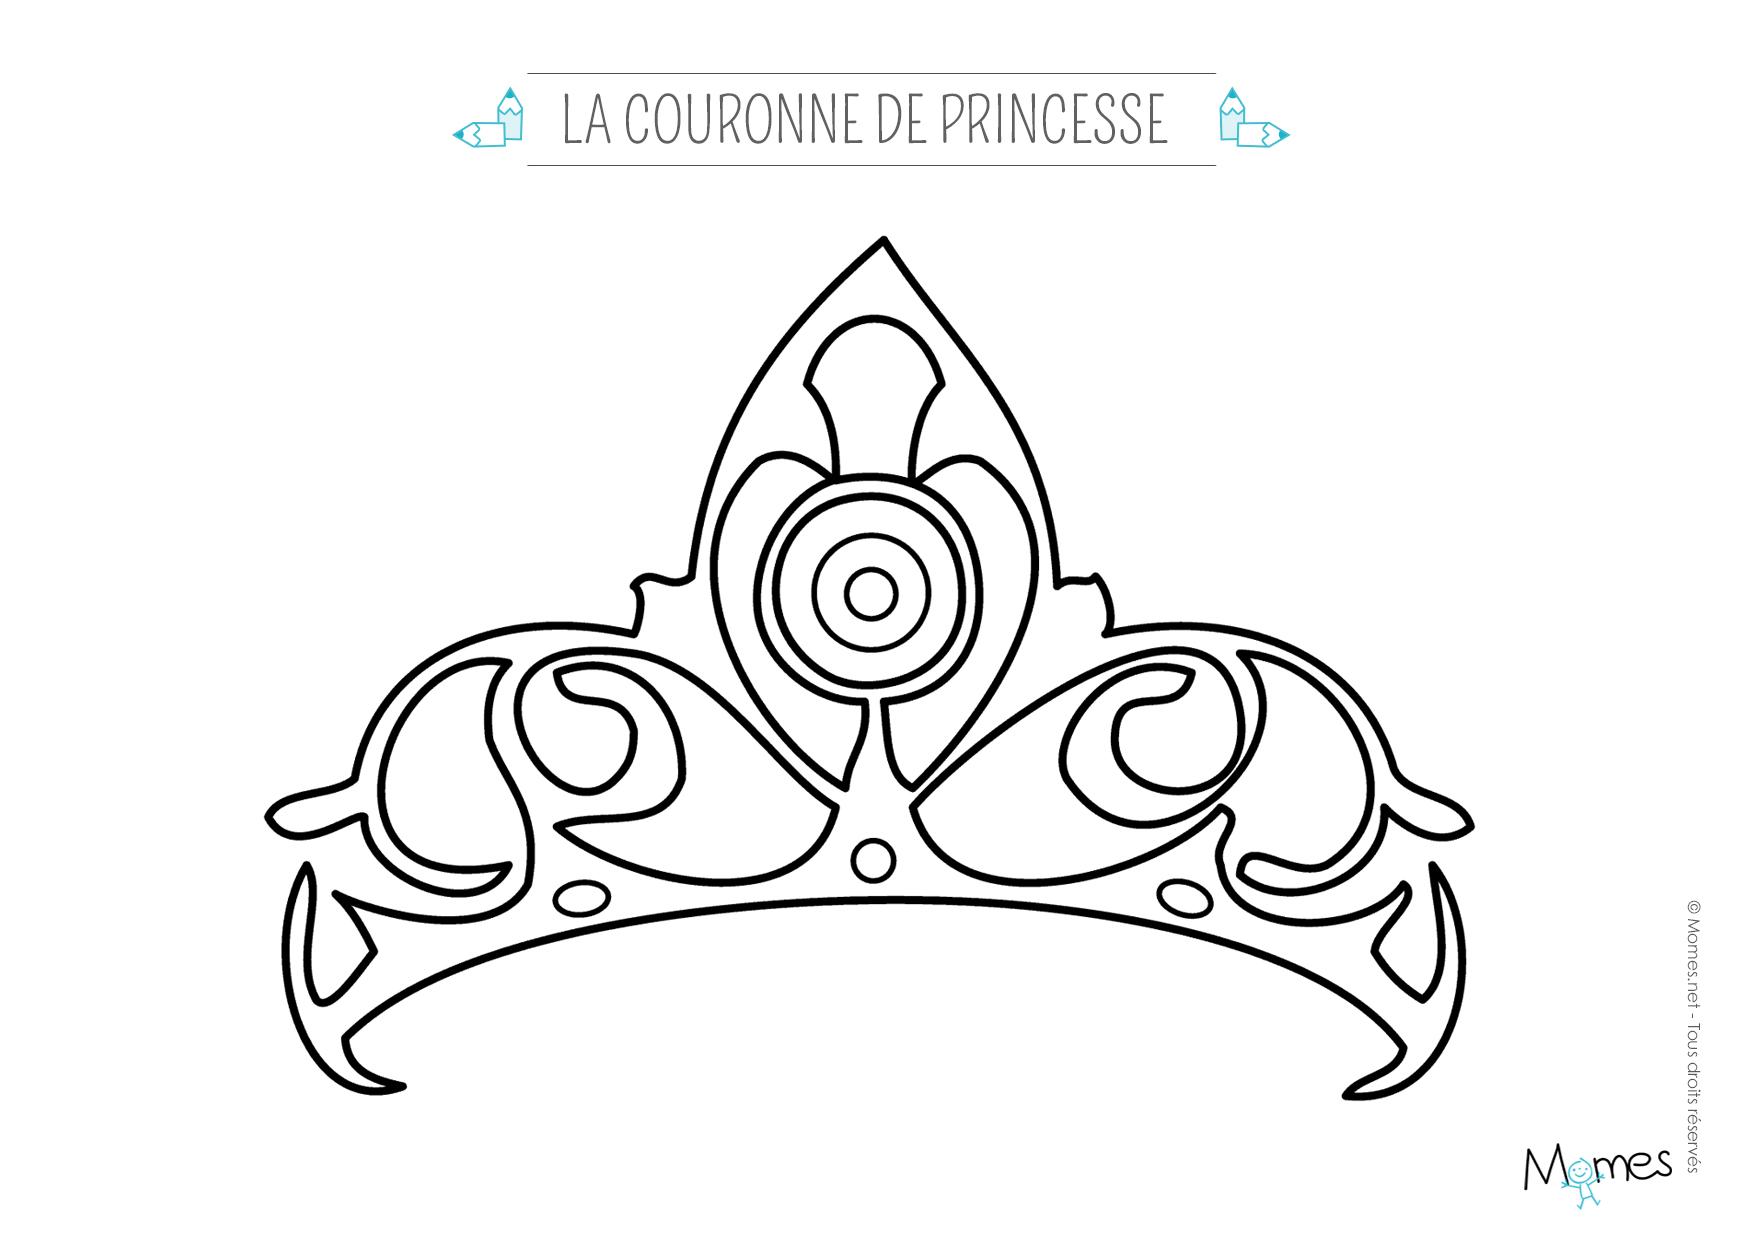 Coloriage couronne de princesse - Coloriage couronne ...